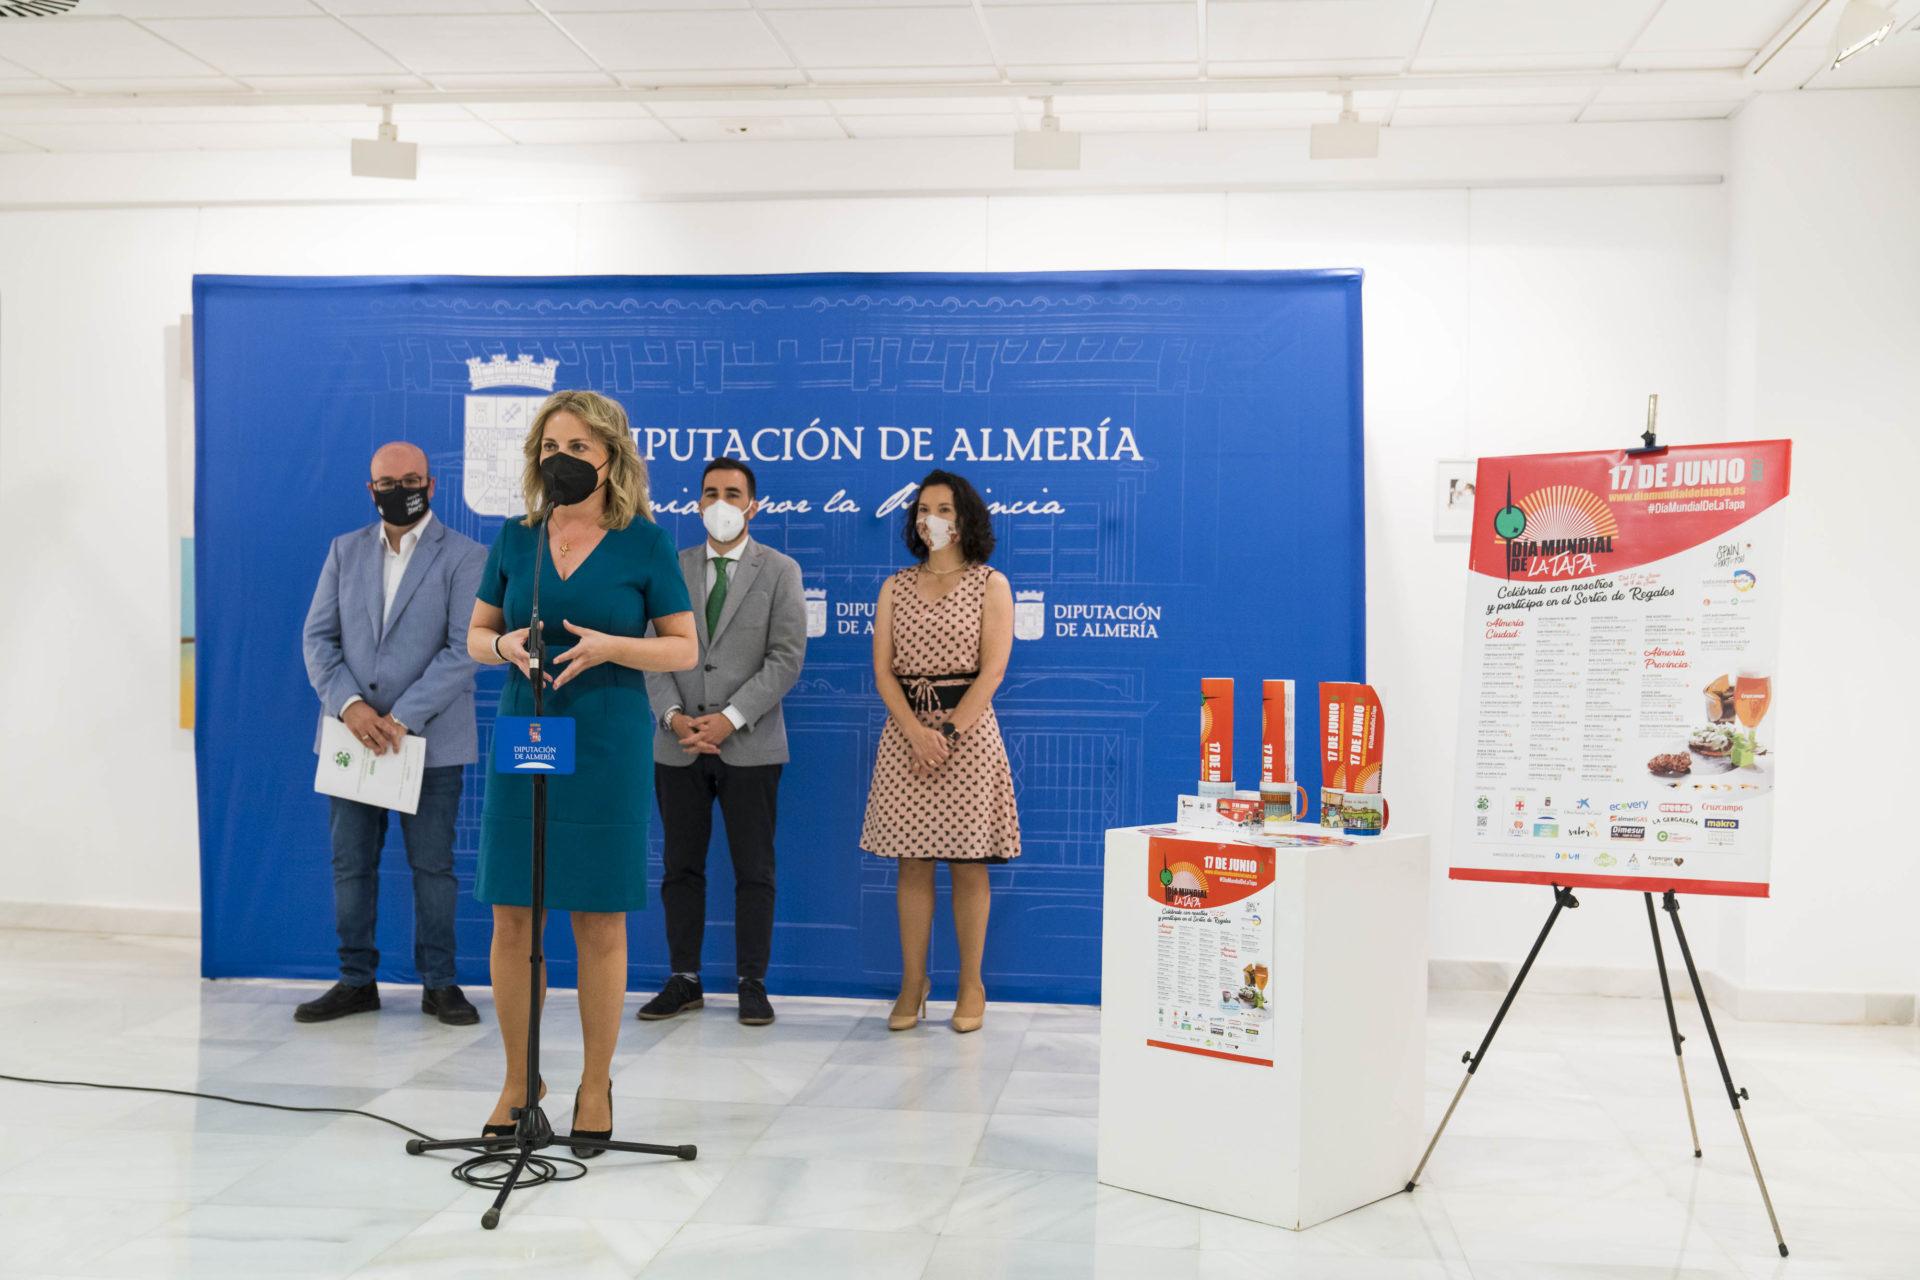 Los productos almerienses brillarán en el Día Mundial de la Tapa del 17 de junio al 4 de julio